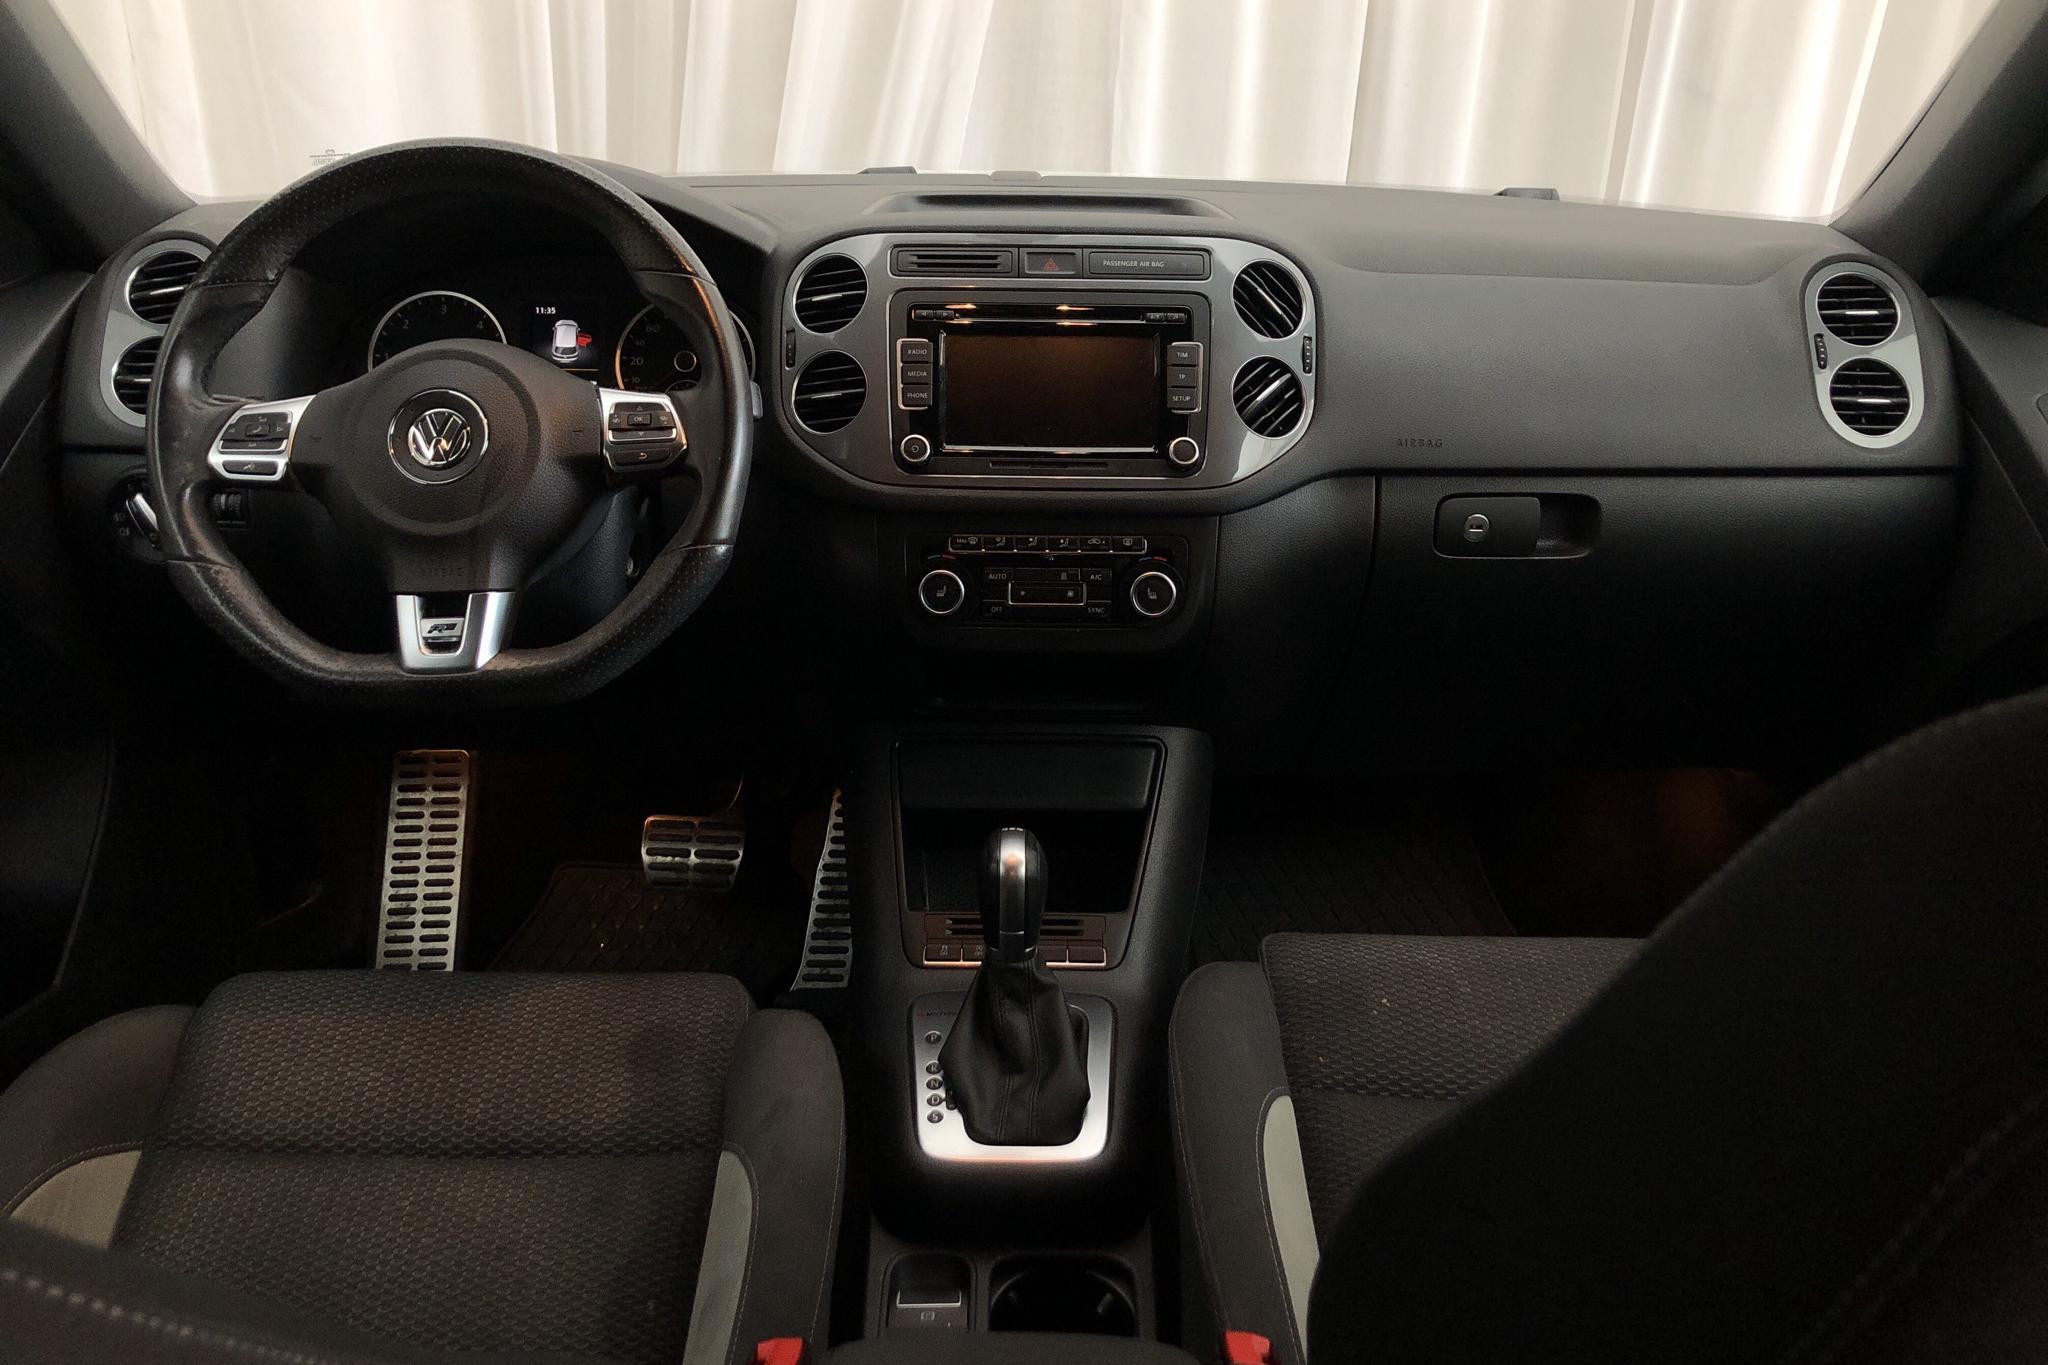 VW Tiguan 2.0 TDI 4MOTION BlueMotion Technology (177hk) - 47 290 km - Automatic - white - 2015